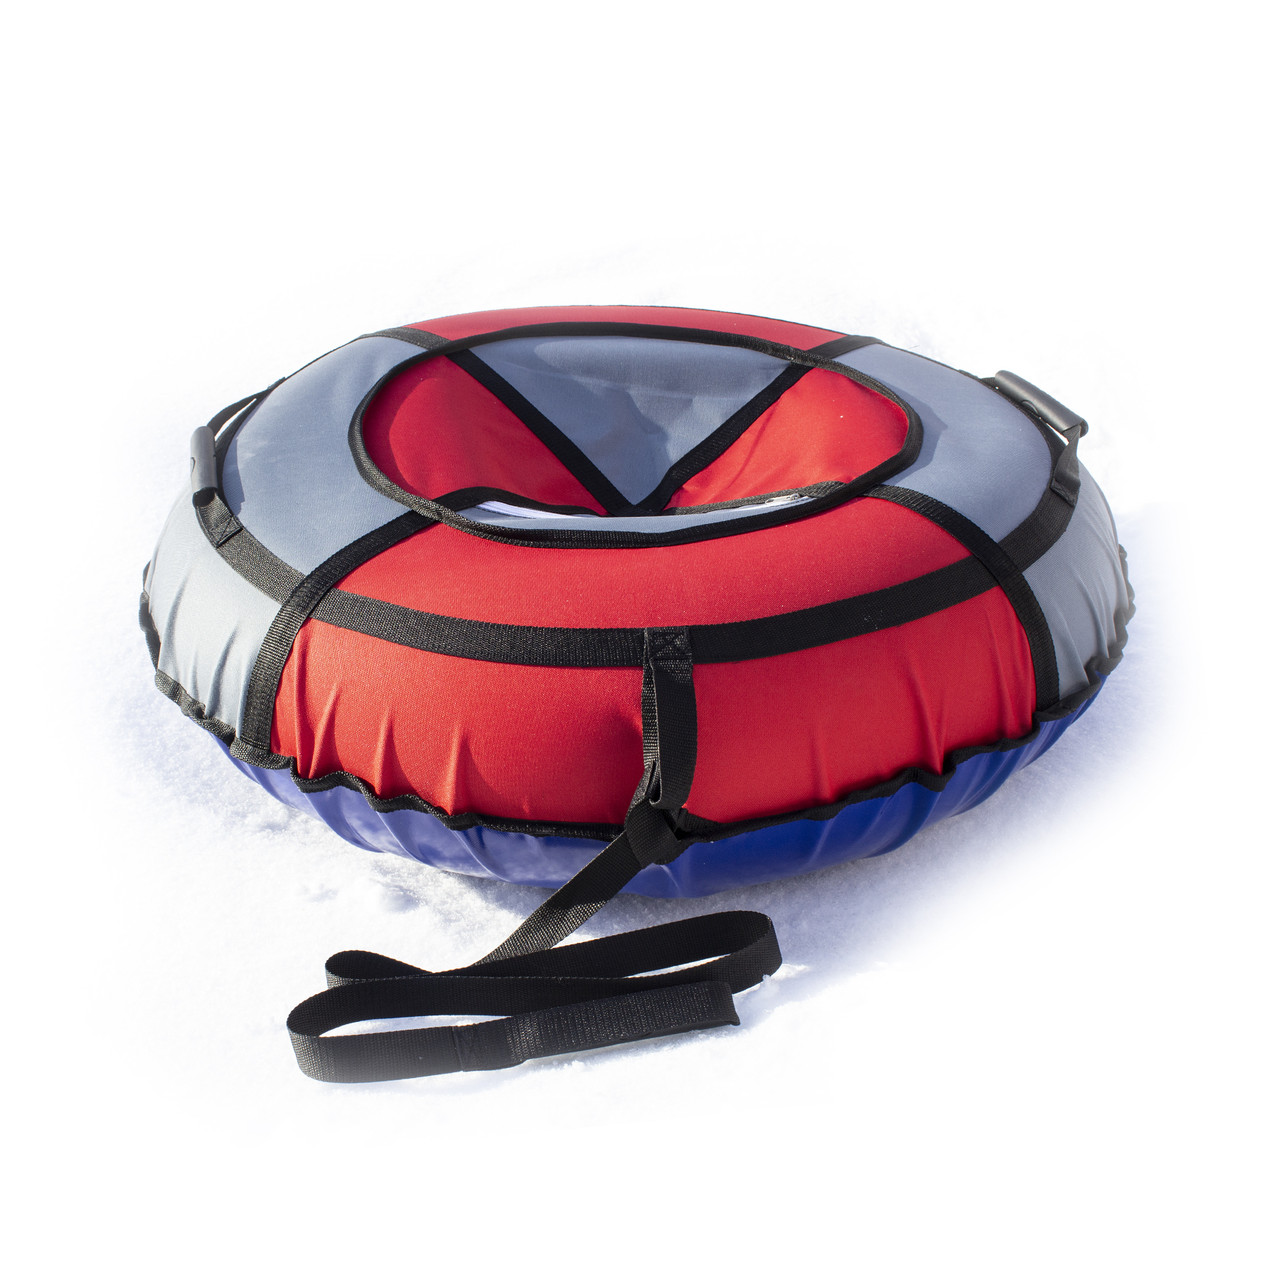 Тюбинг надувные санки ватрушка d 100 см серия Прокат Усиленная Красно - Серого цвета для детей и взрослых